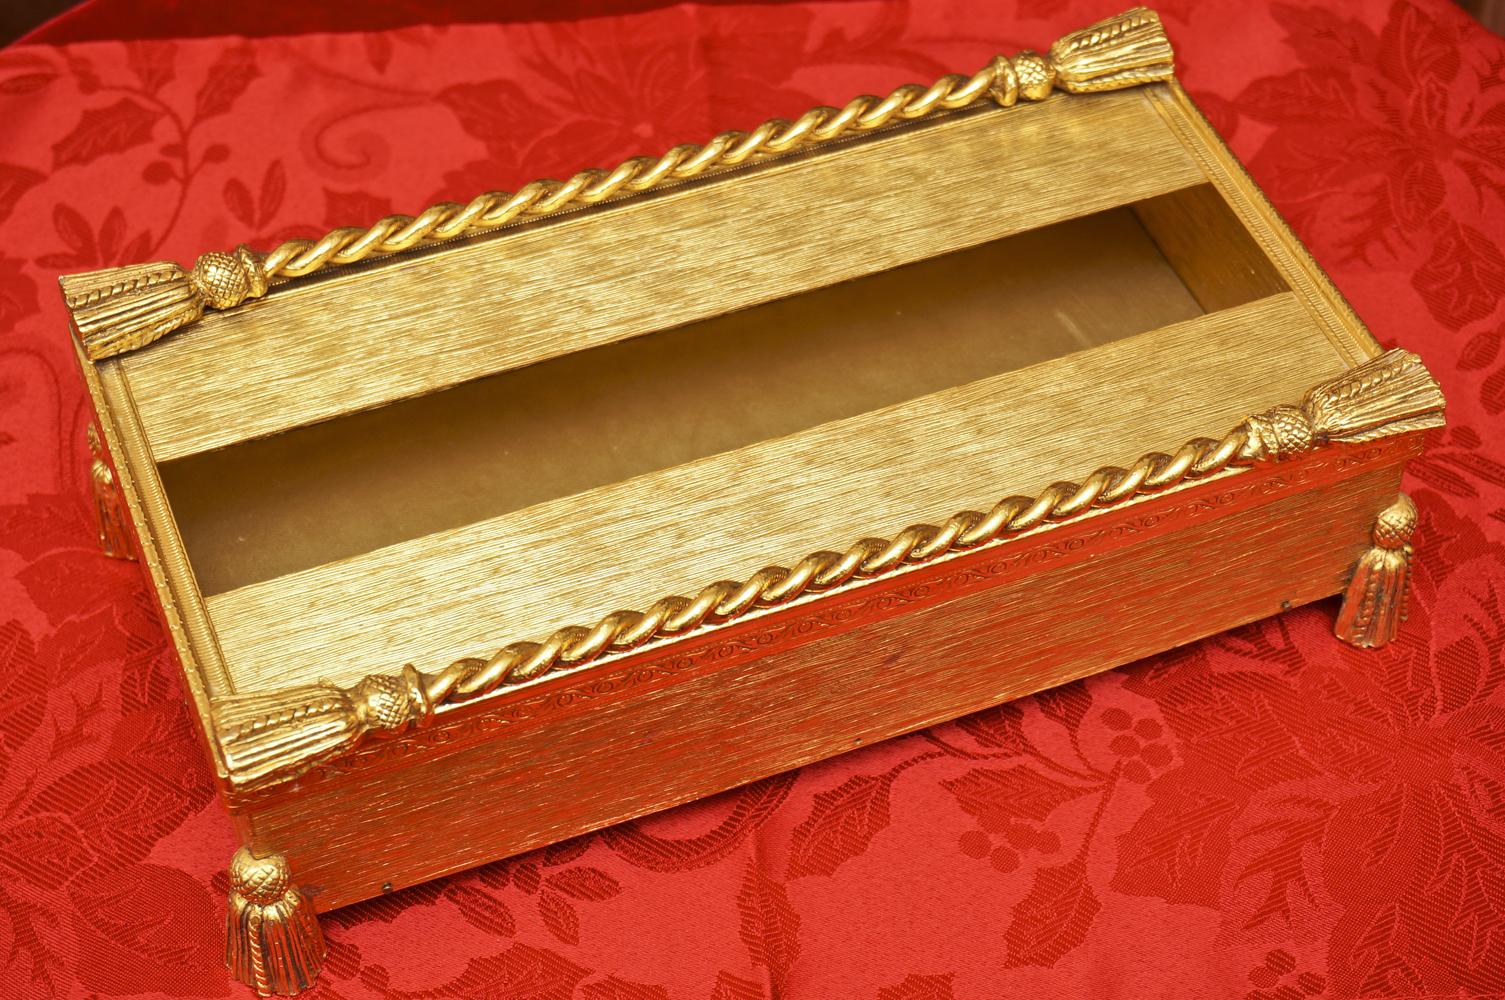 スタイルビルト製 ゴールド ロープ脚 ティッシュボックス